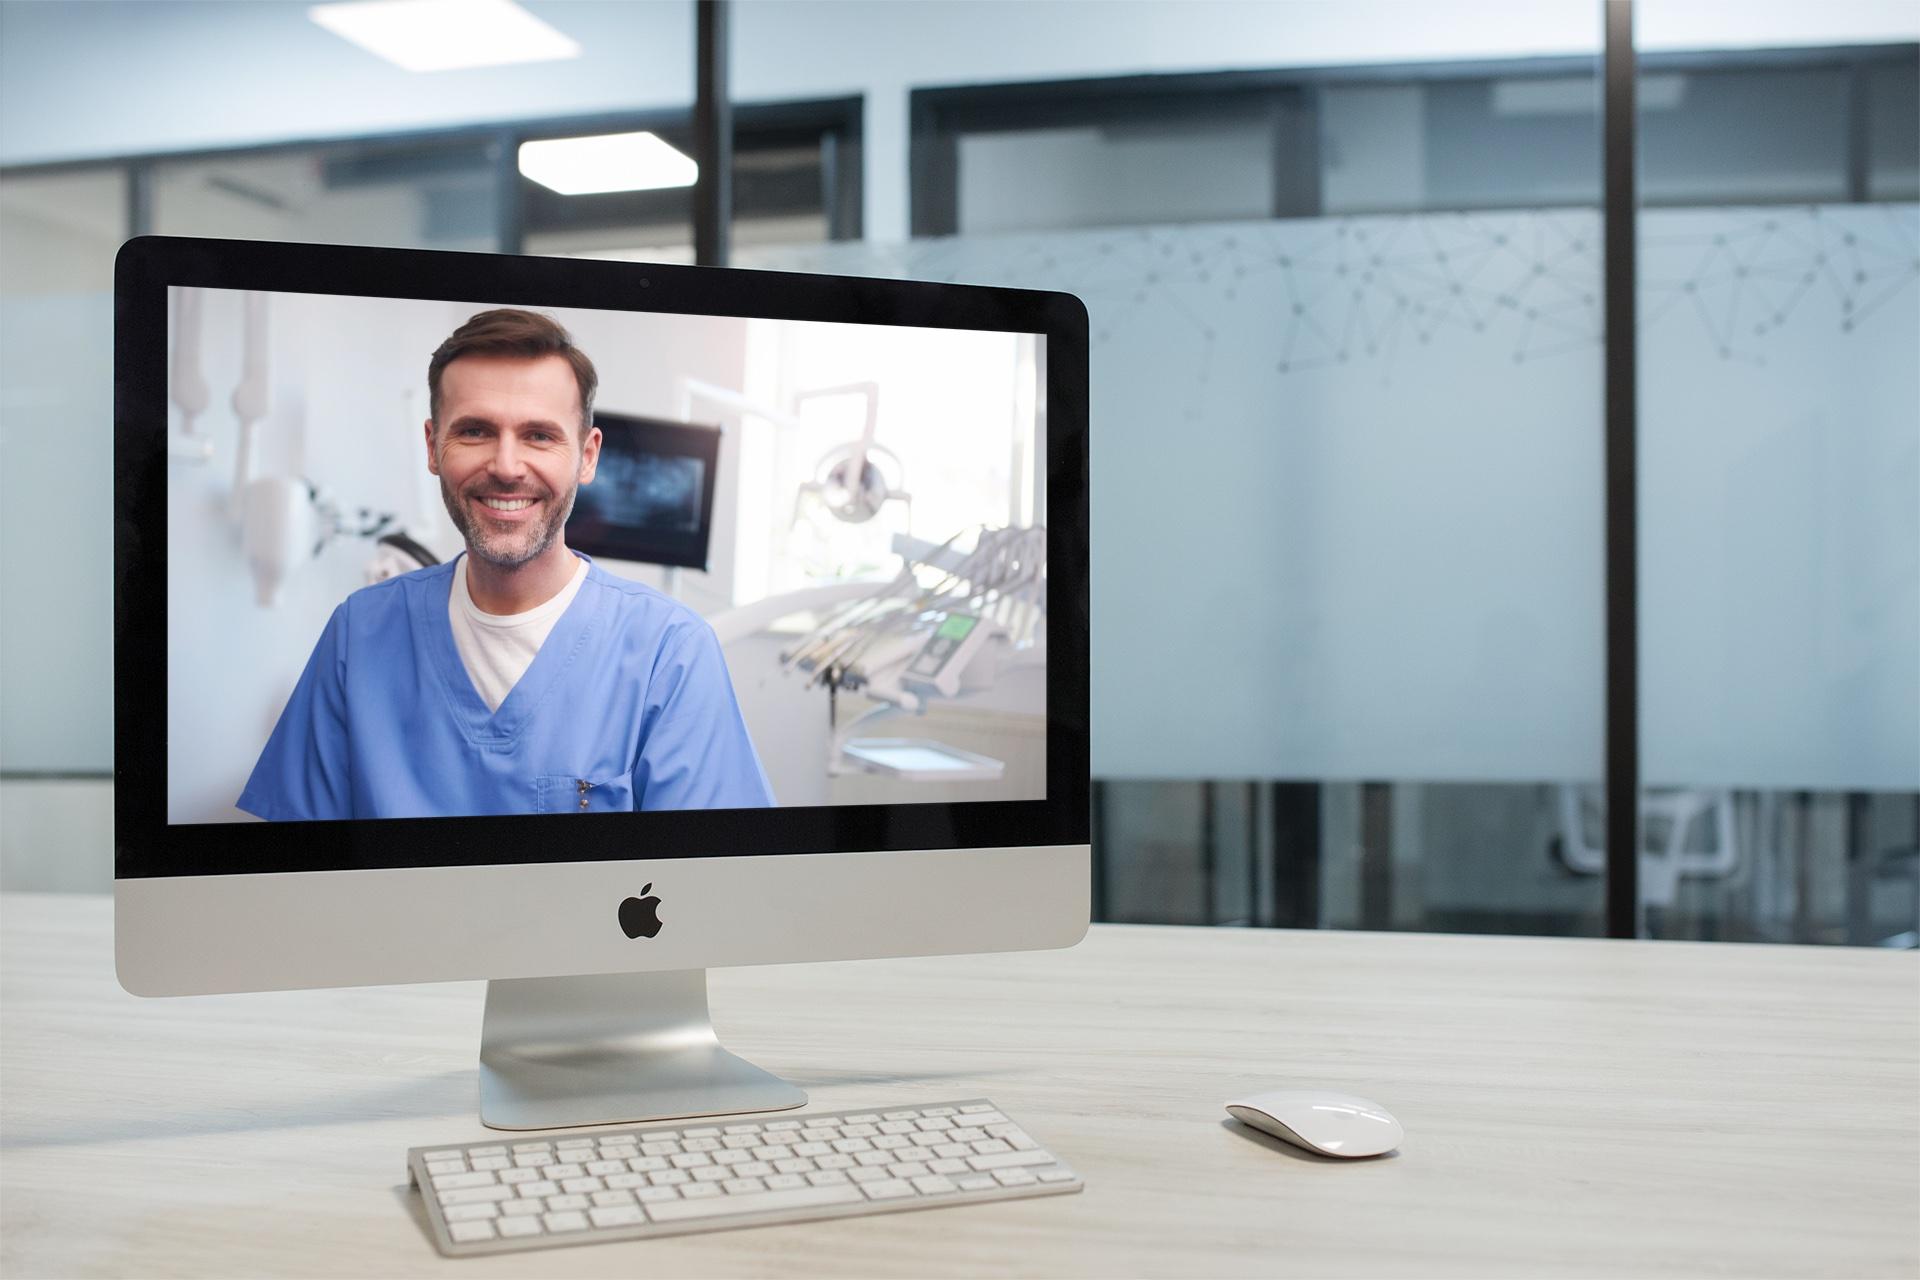 Se présenter en tant que chirurgien-dentiste sur son site internet : les nouvelles recommandations de l'Ordre